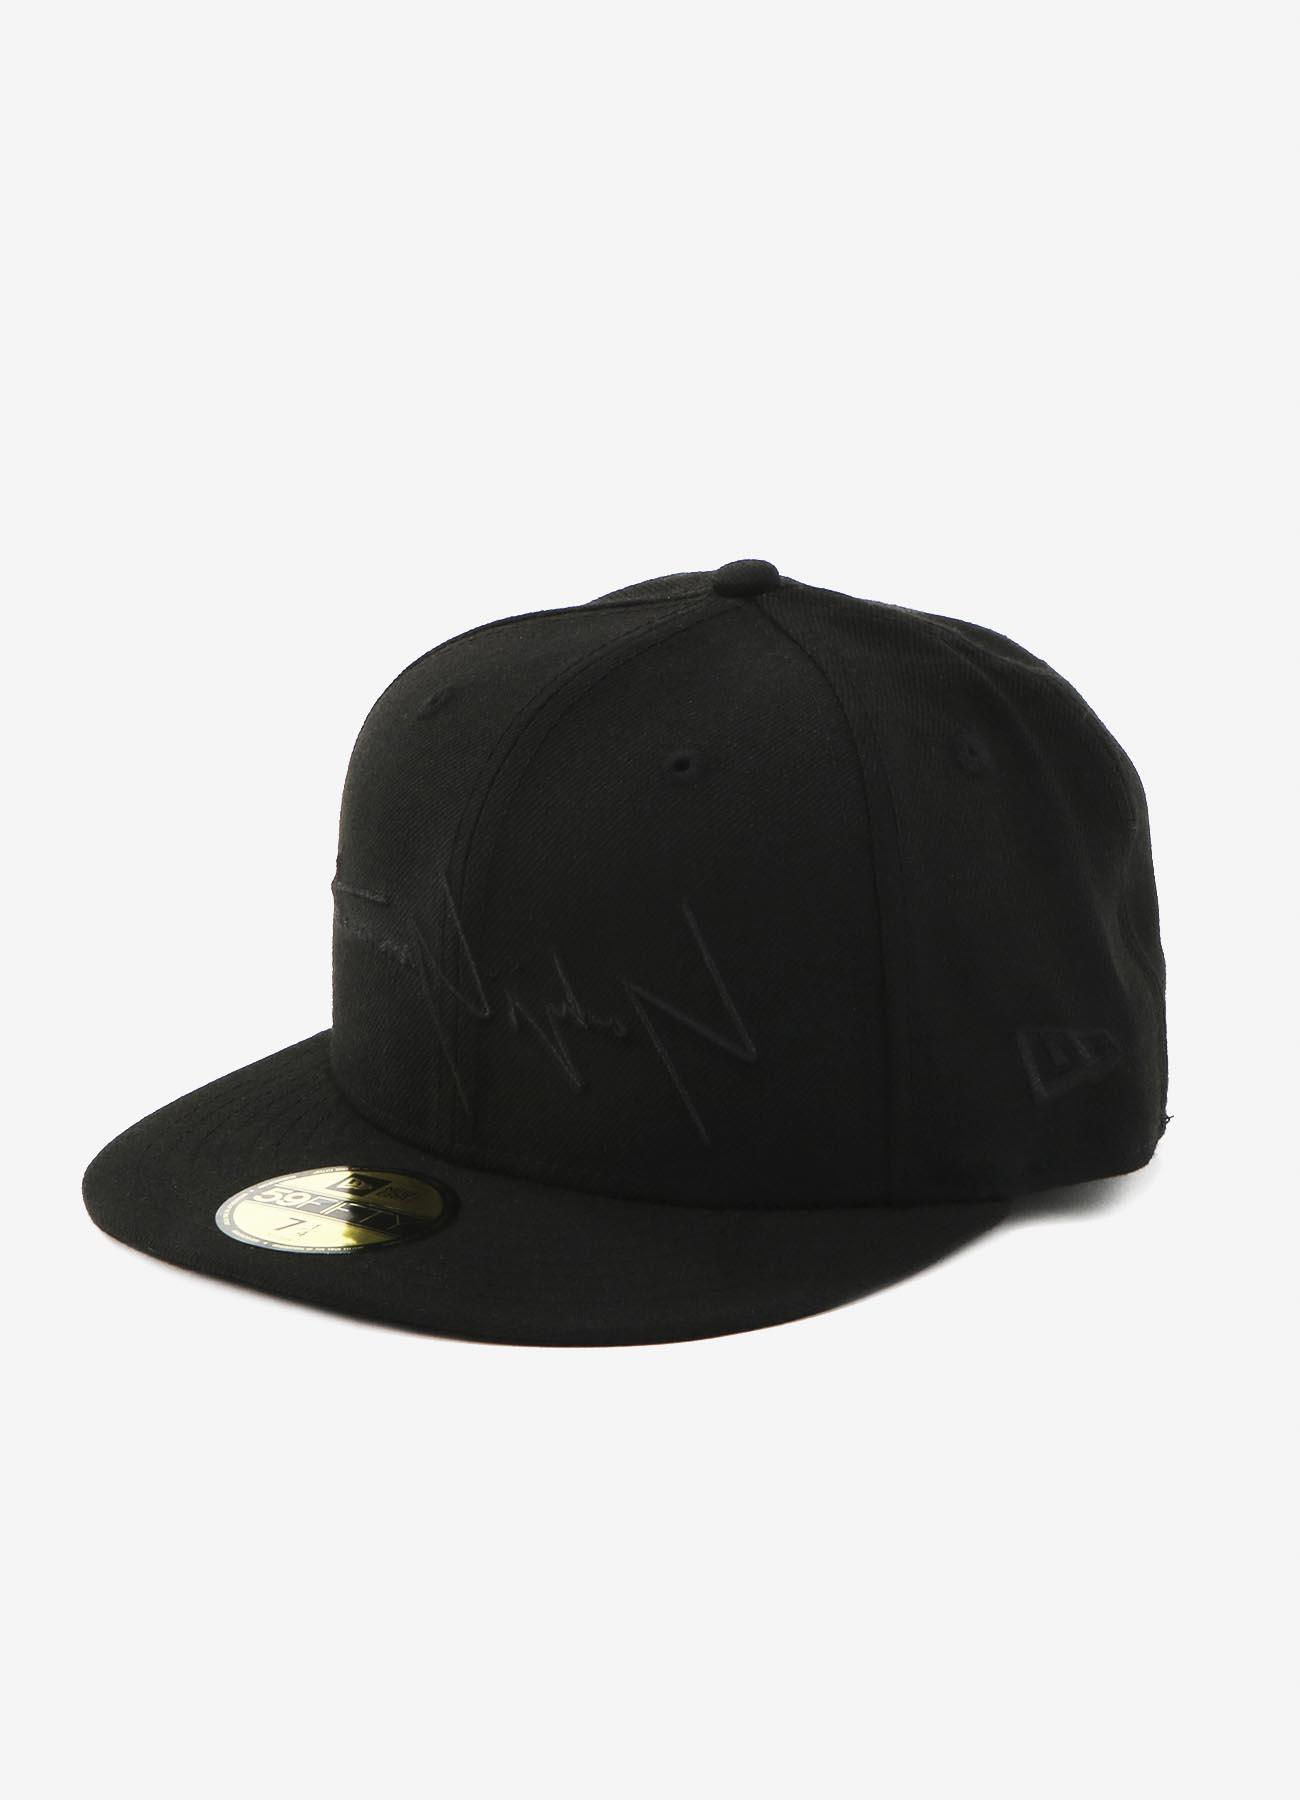 Yohji Yamamoto x NEWERA 59FIFTY YY Logo Cap